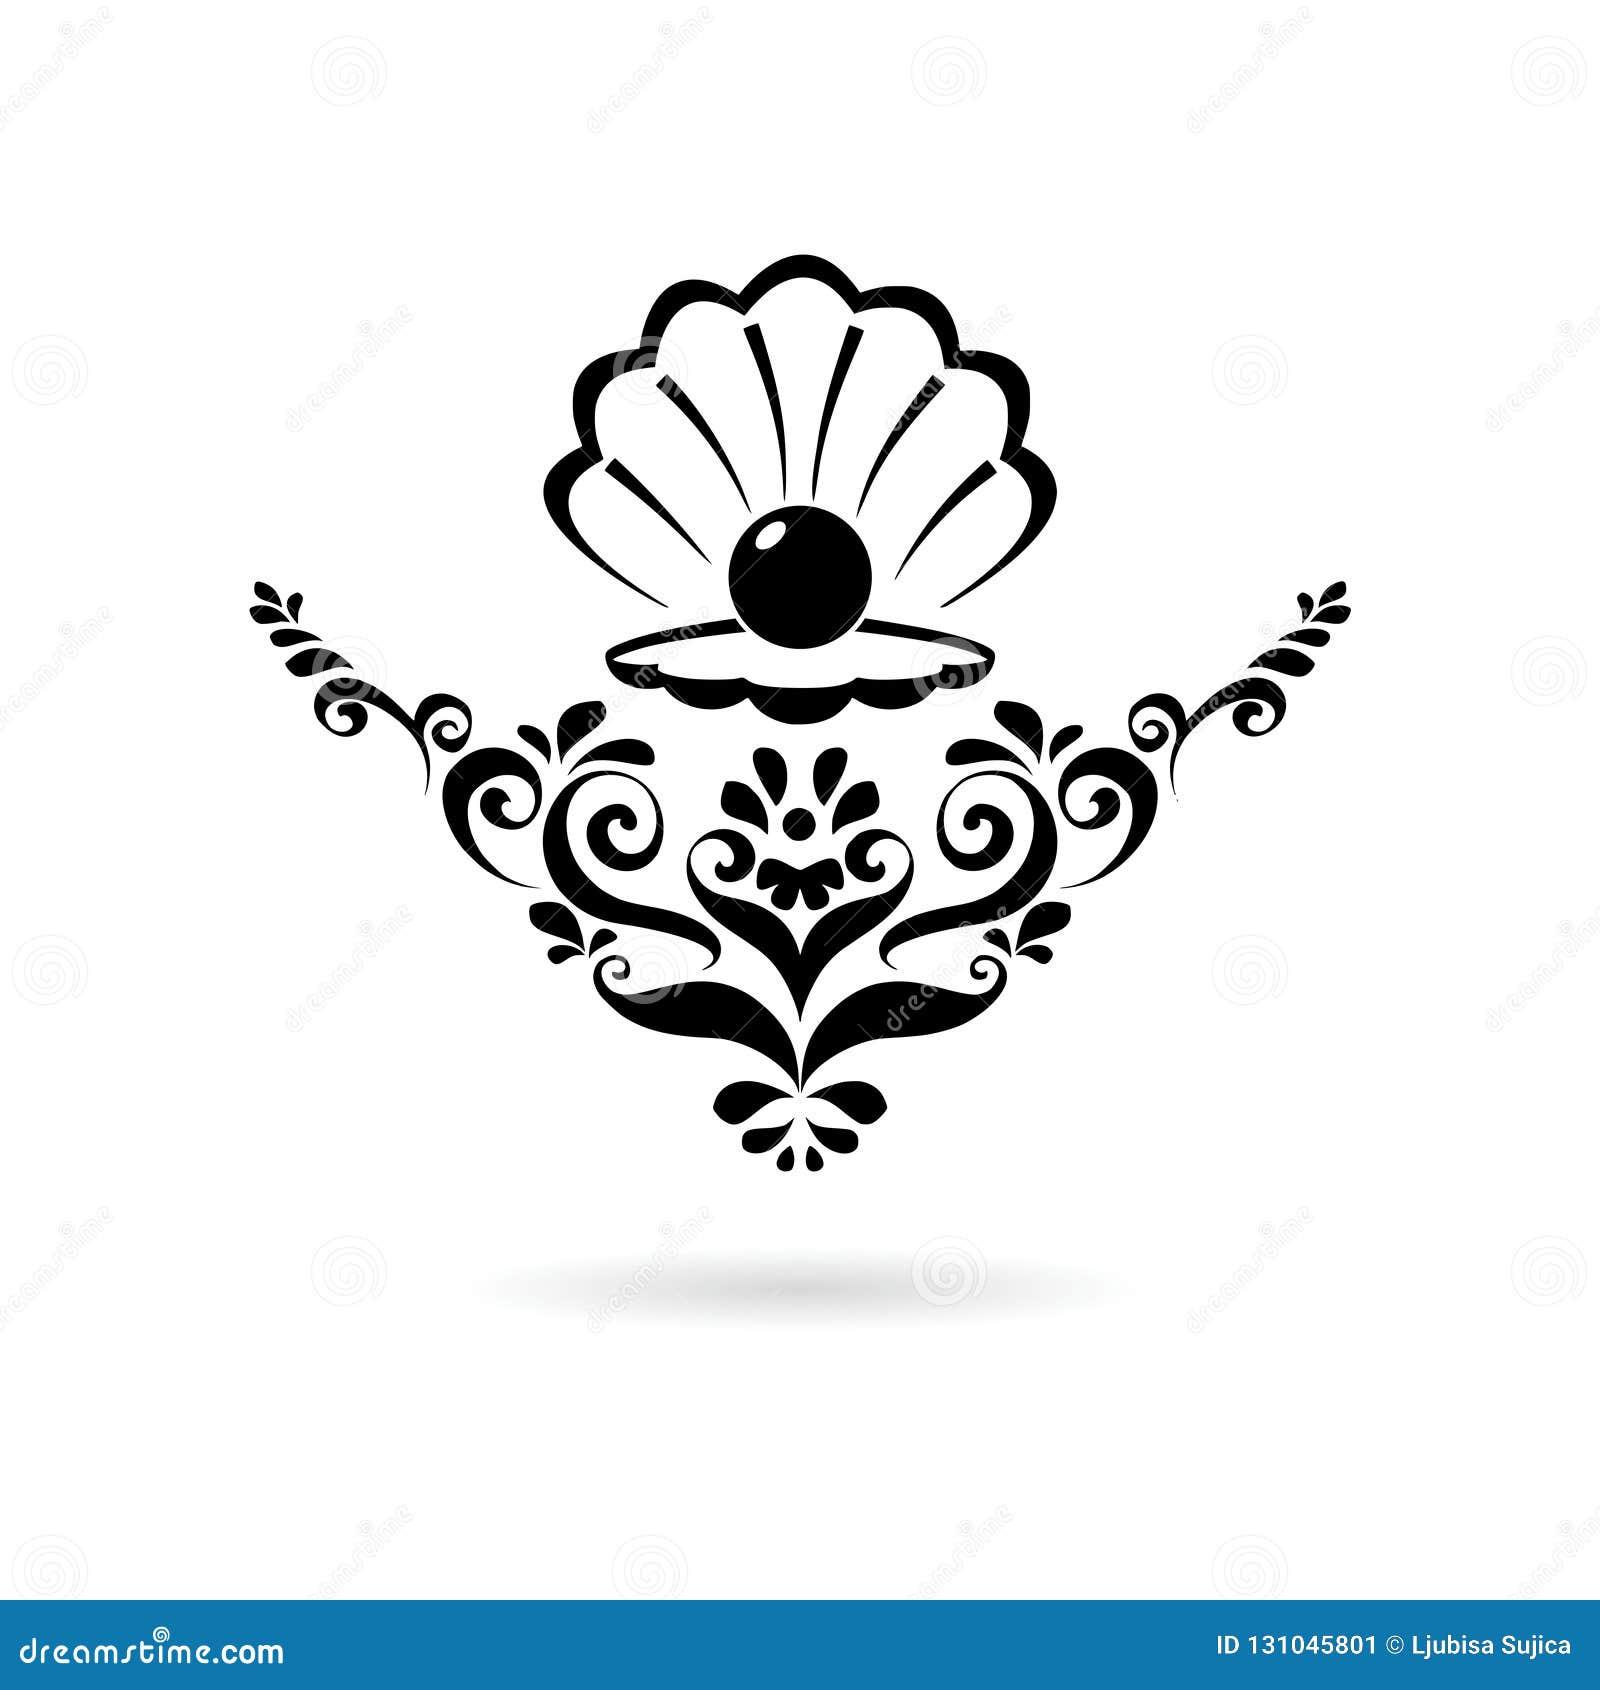 Μαργαριτάρι Μαύρης Θάλασσας στο ανοικτό κοχύλι, το floral εικονίδιο διακοσμήσεων ή το λογότυπο